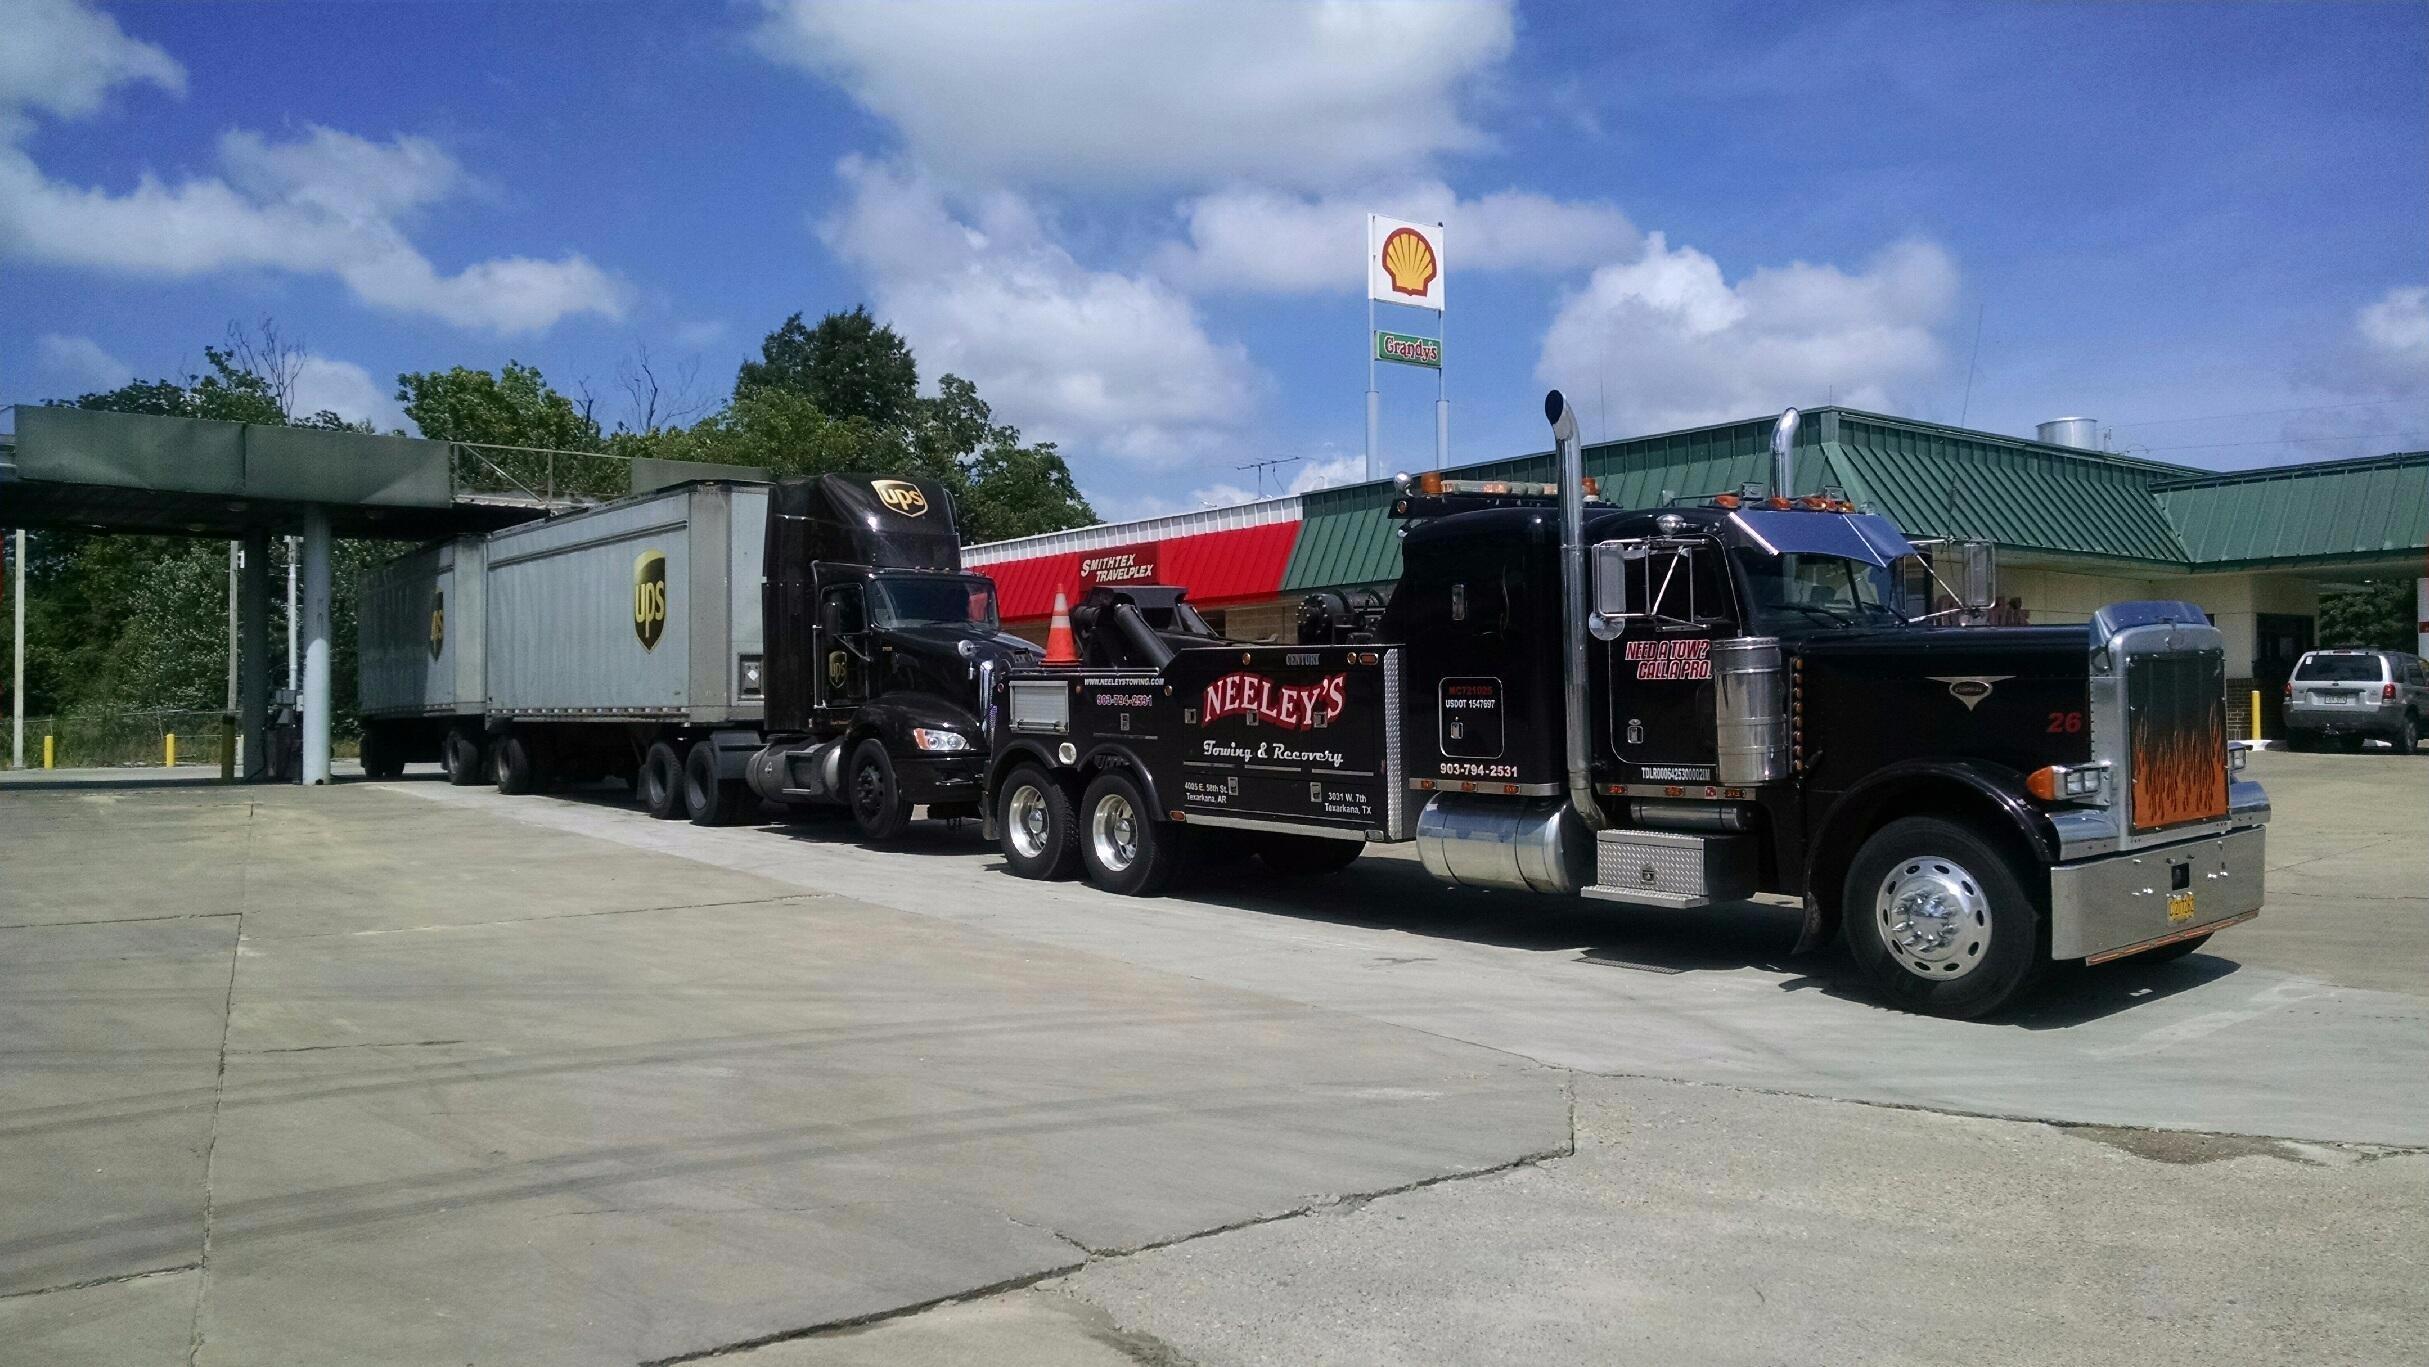 Neeley's Towing & Recovery, Texarkana Arkansas (AR ...